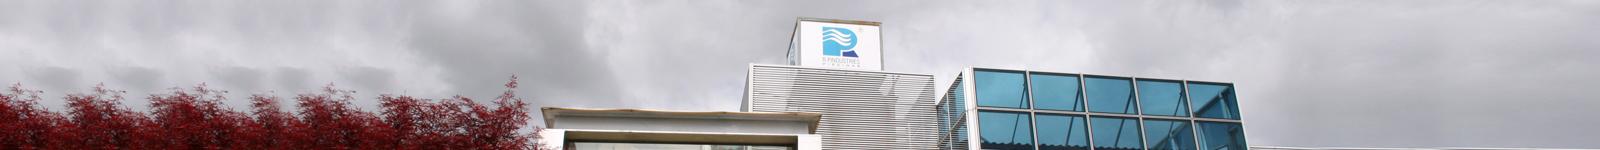 Empresas de piscinas SOLEO